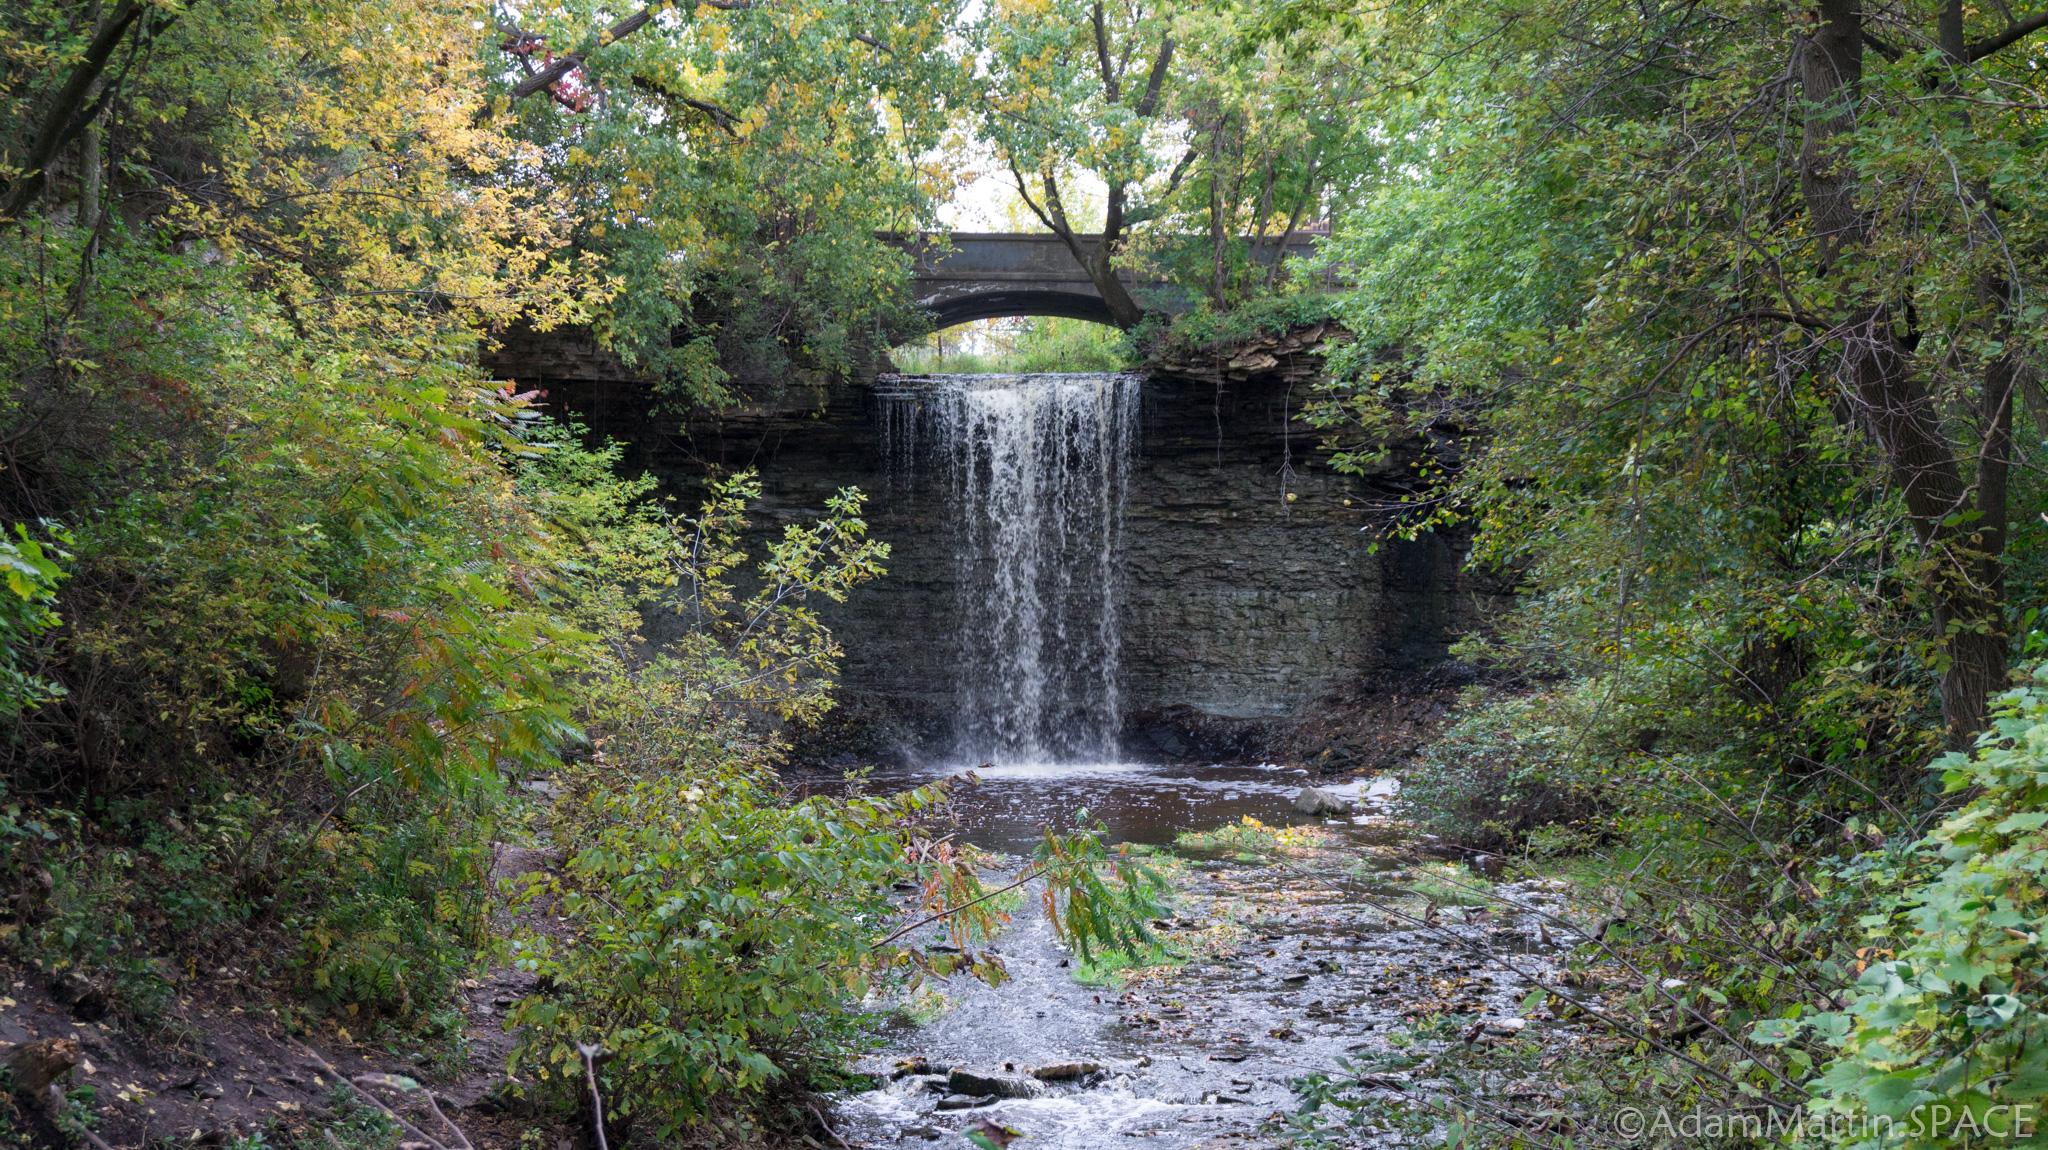 Wequiock Falls